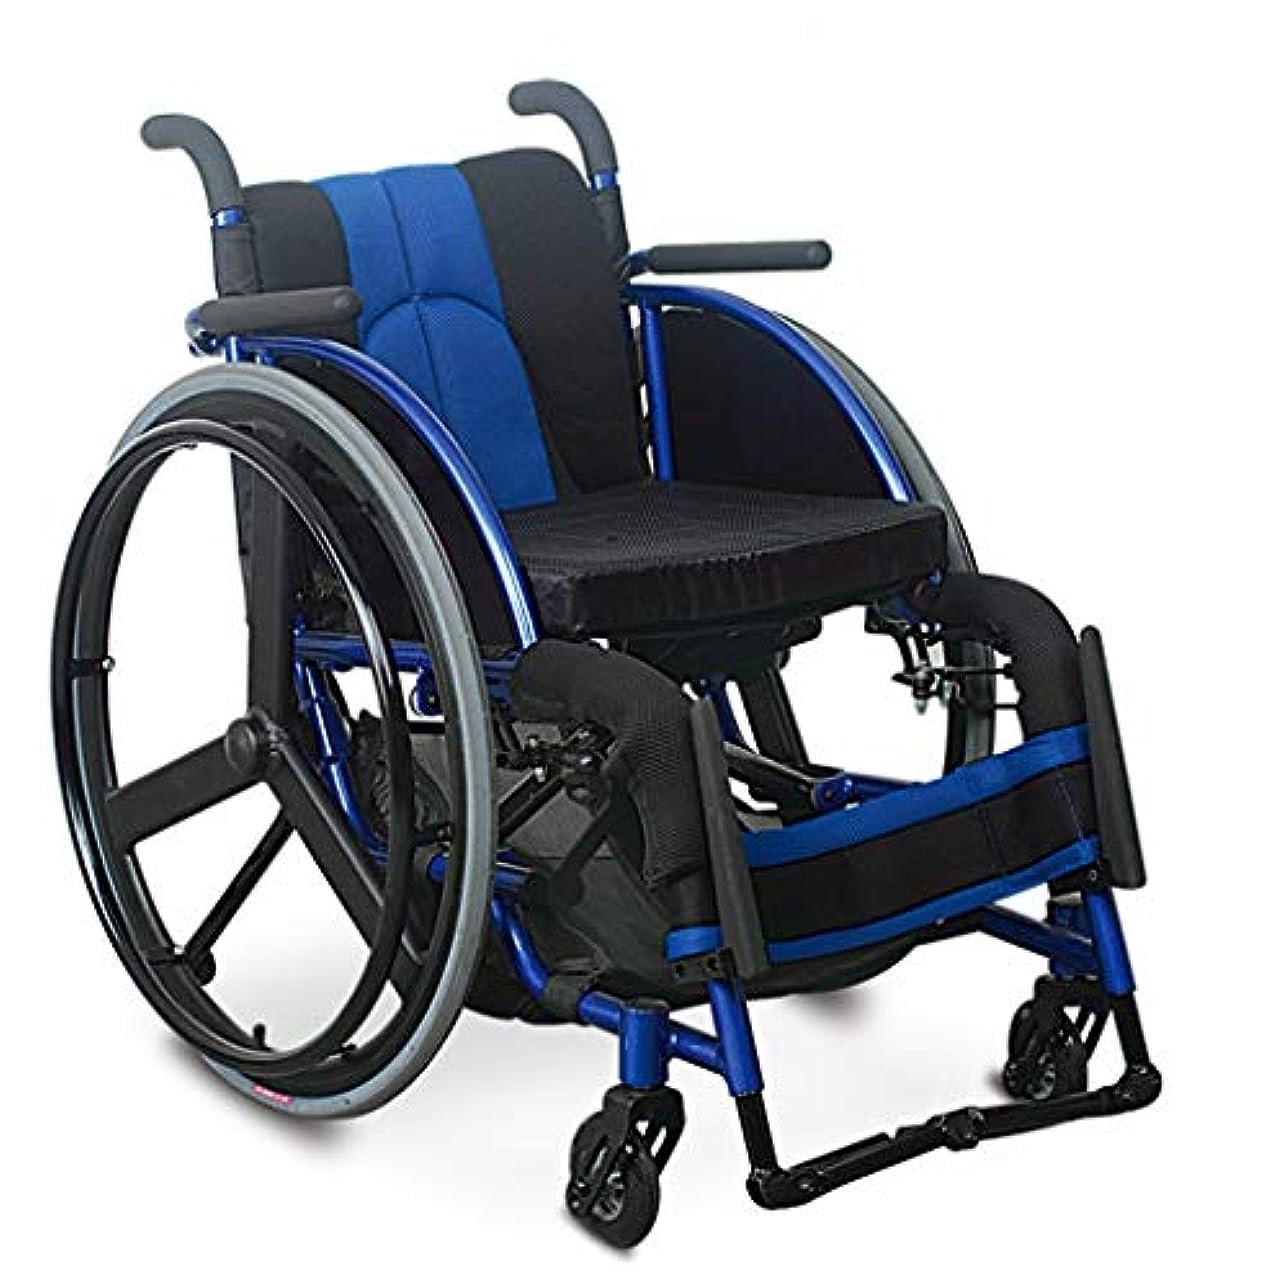 州エンジニアリング着陸車椅子折りたたみ、PUミリオンフロントホイール、高齢者障害者用車椅子トロリー